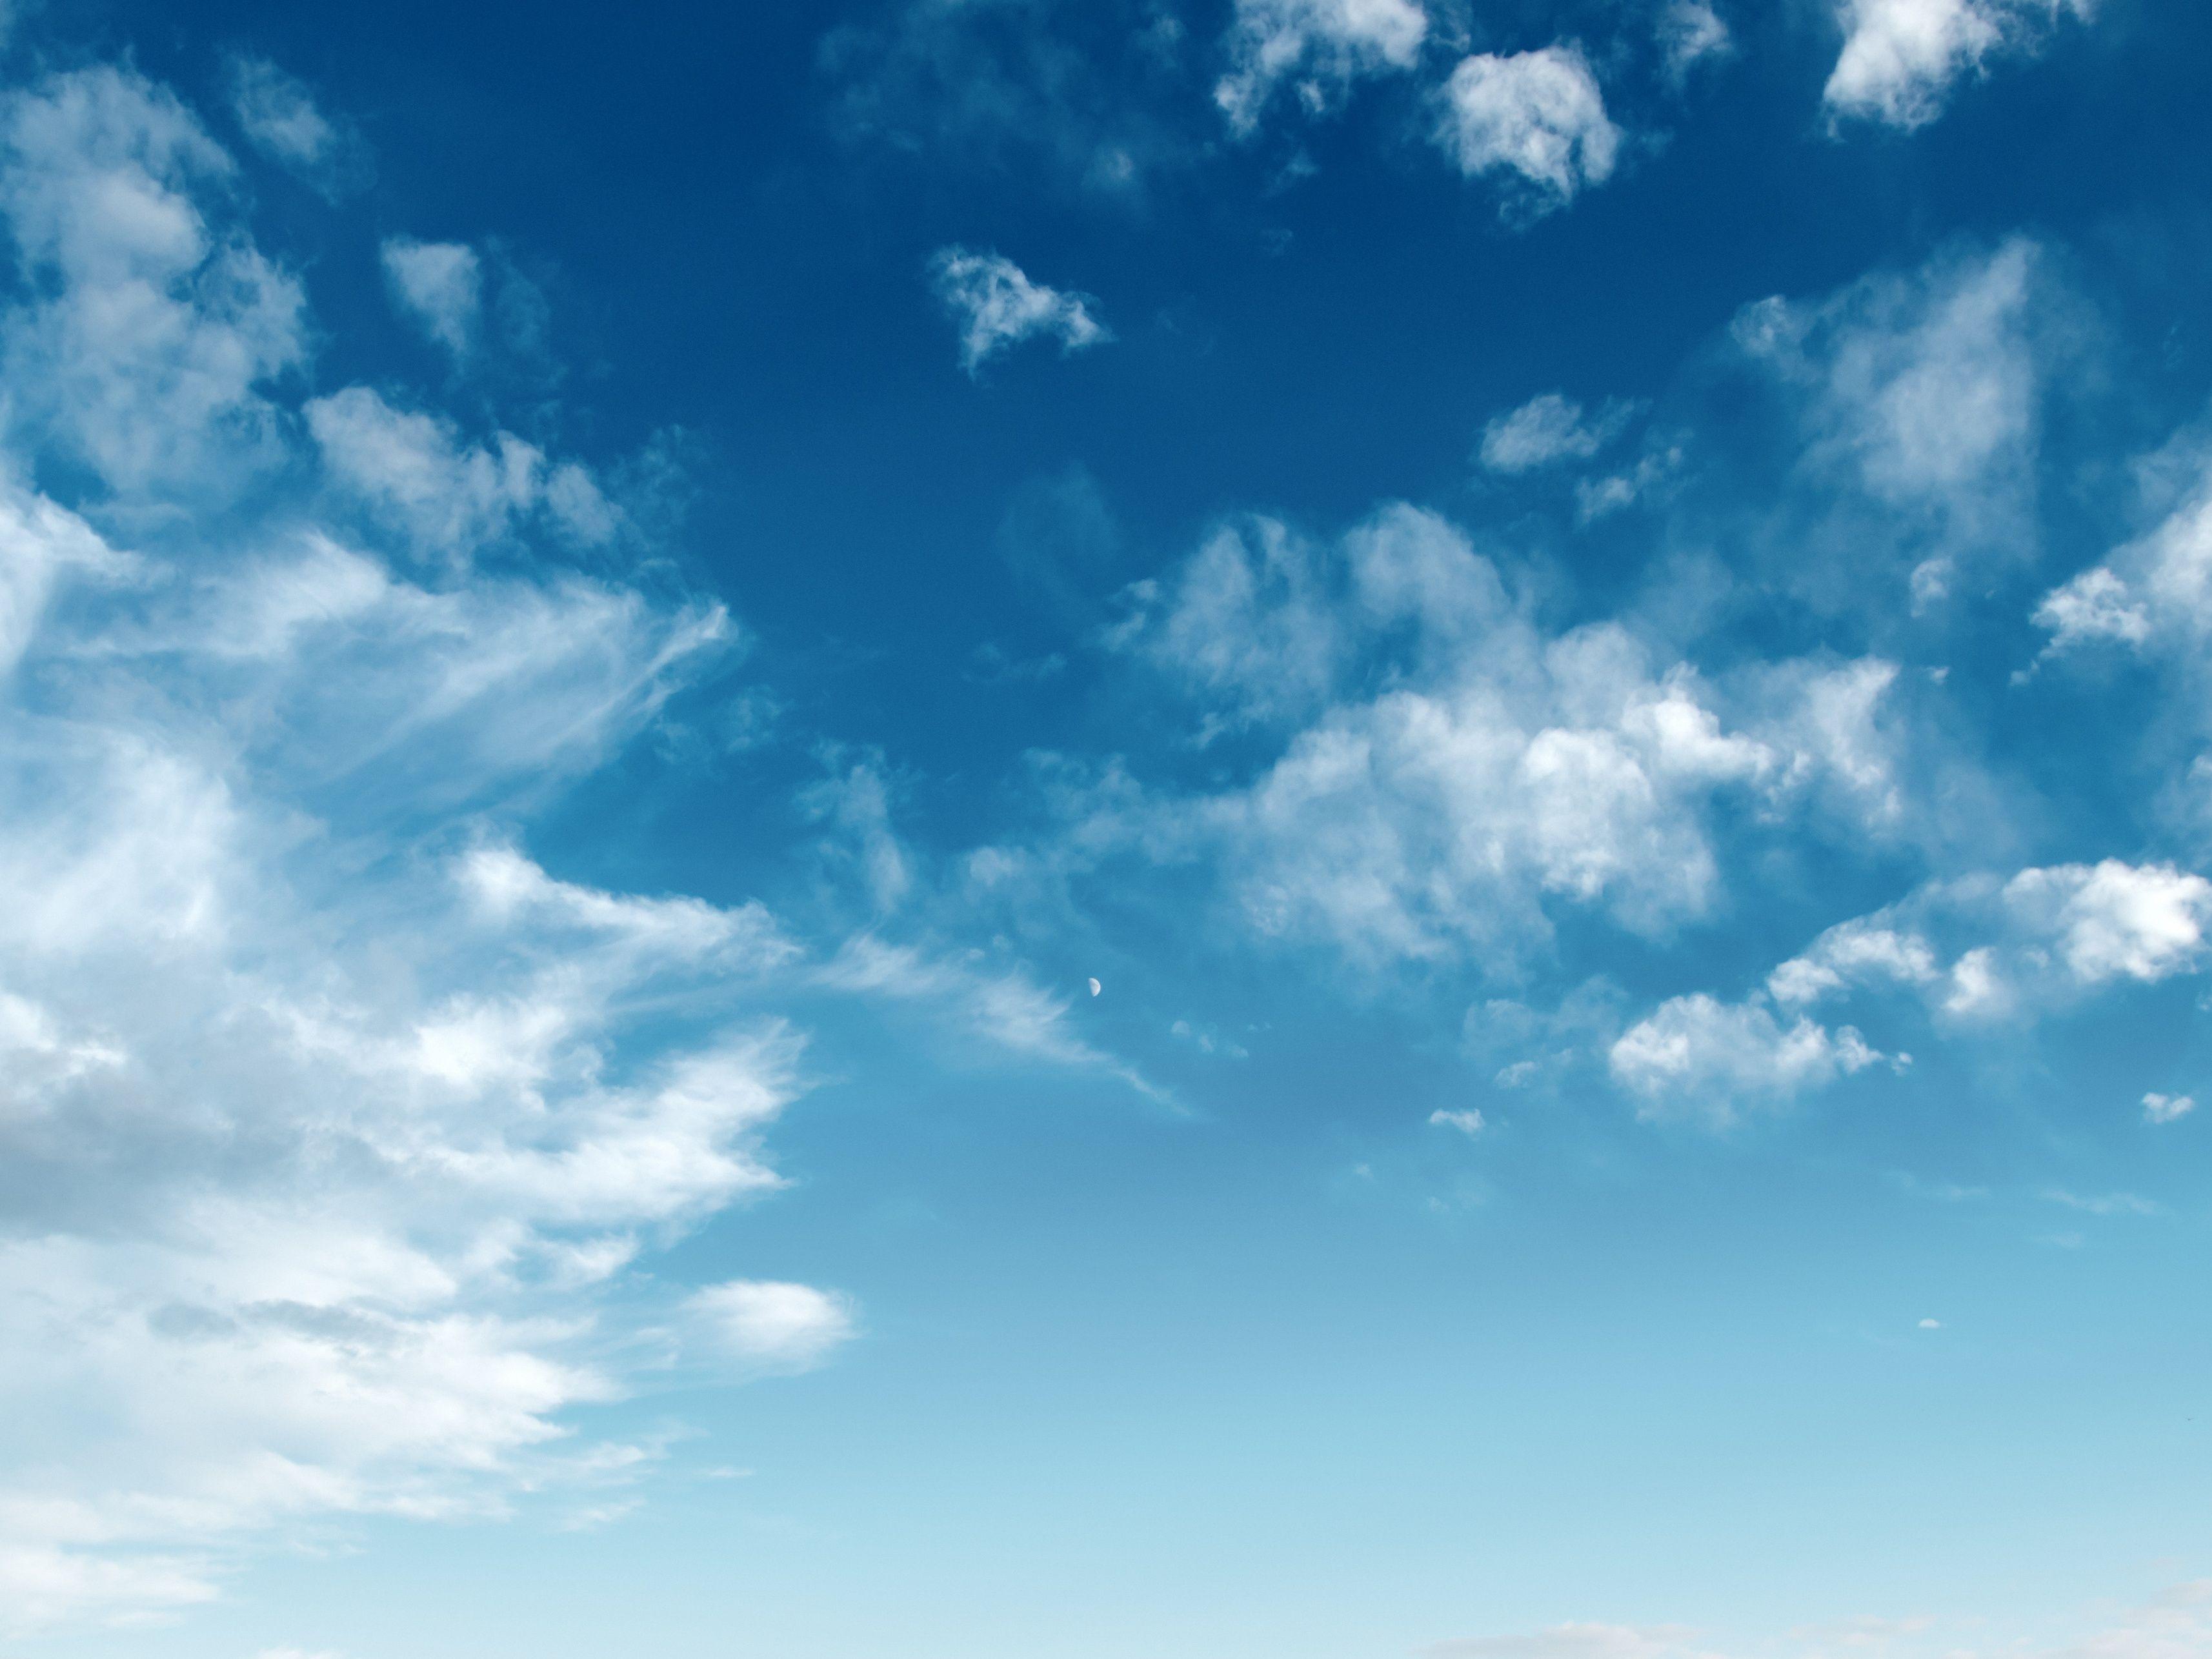 Pro čisté ovzduší: kotlíkové půjčky pro dalších 122 obcí a auta na ekologický pohon pro 51 úřadů